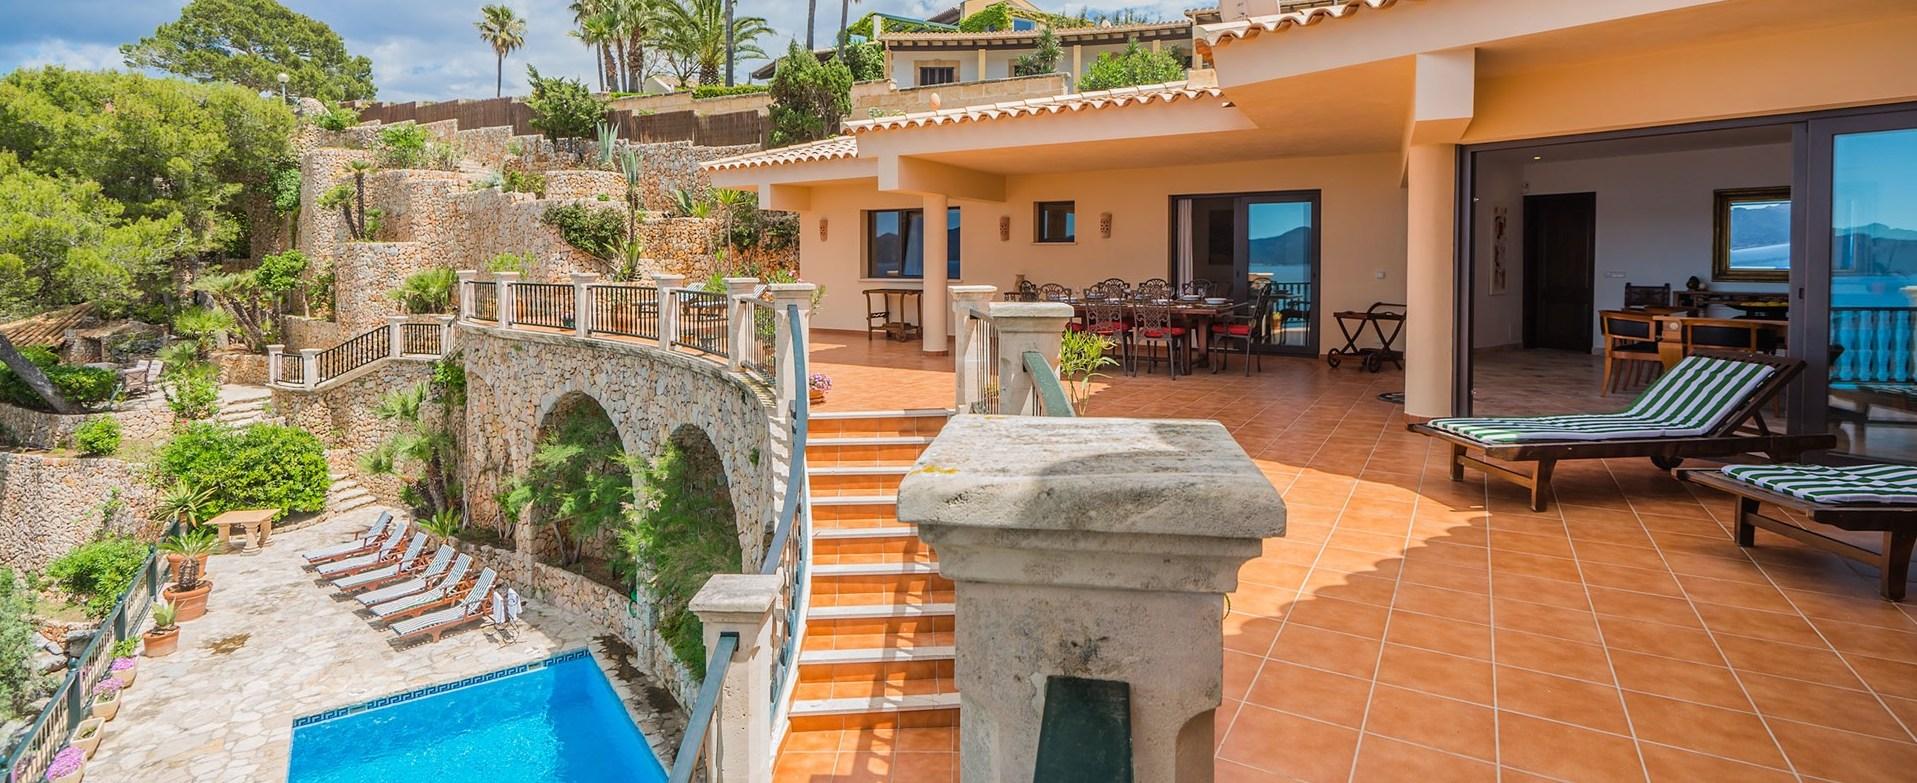 villa-el-mirador-seaview-terrace